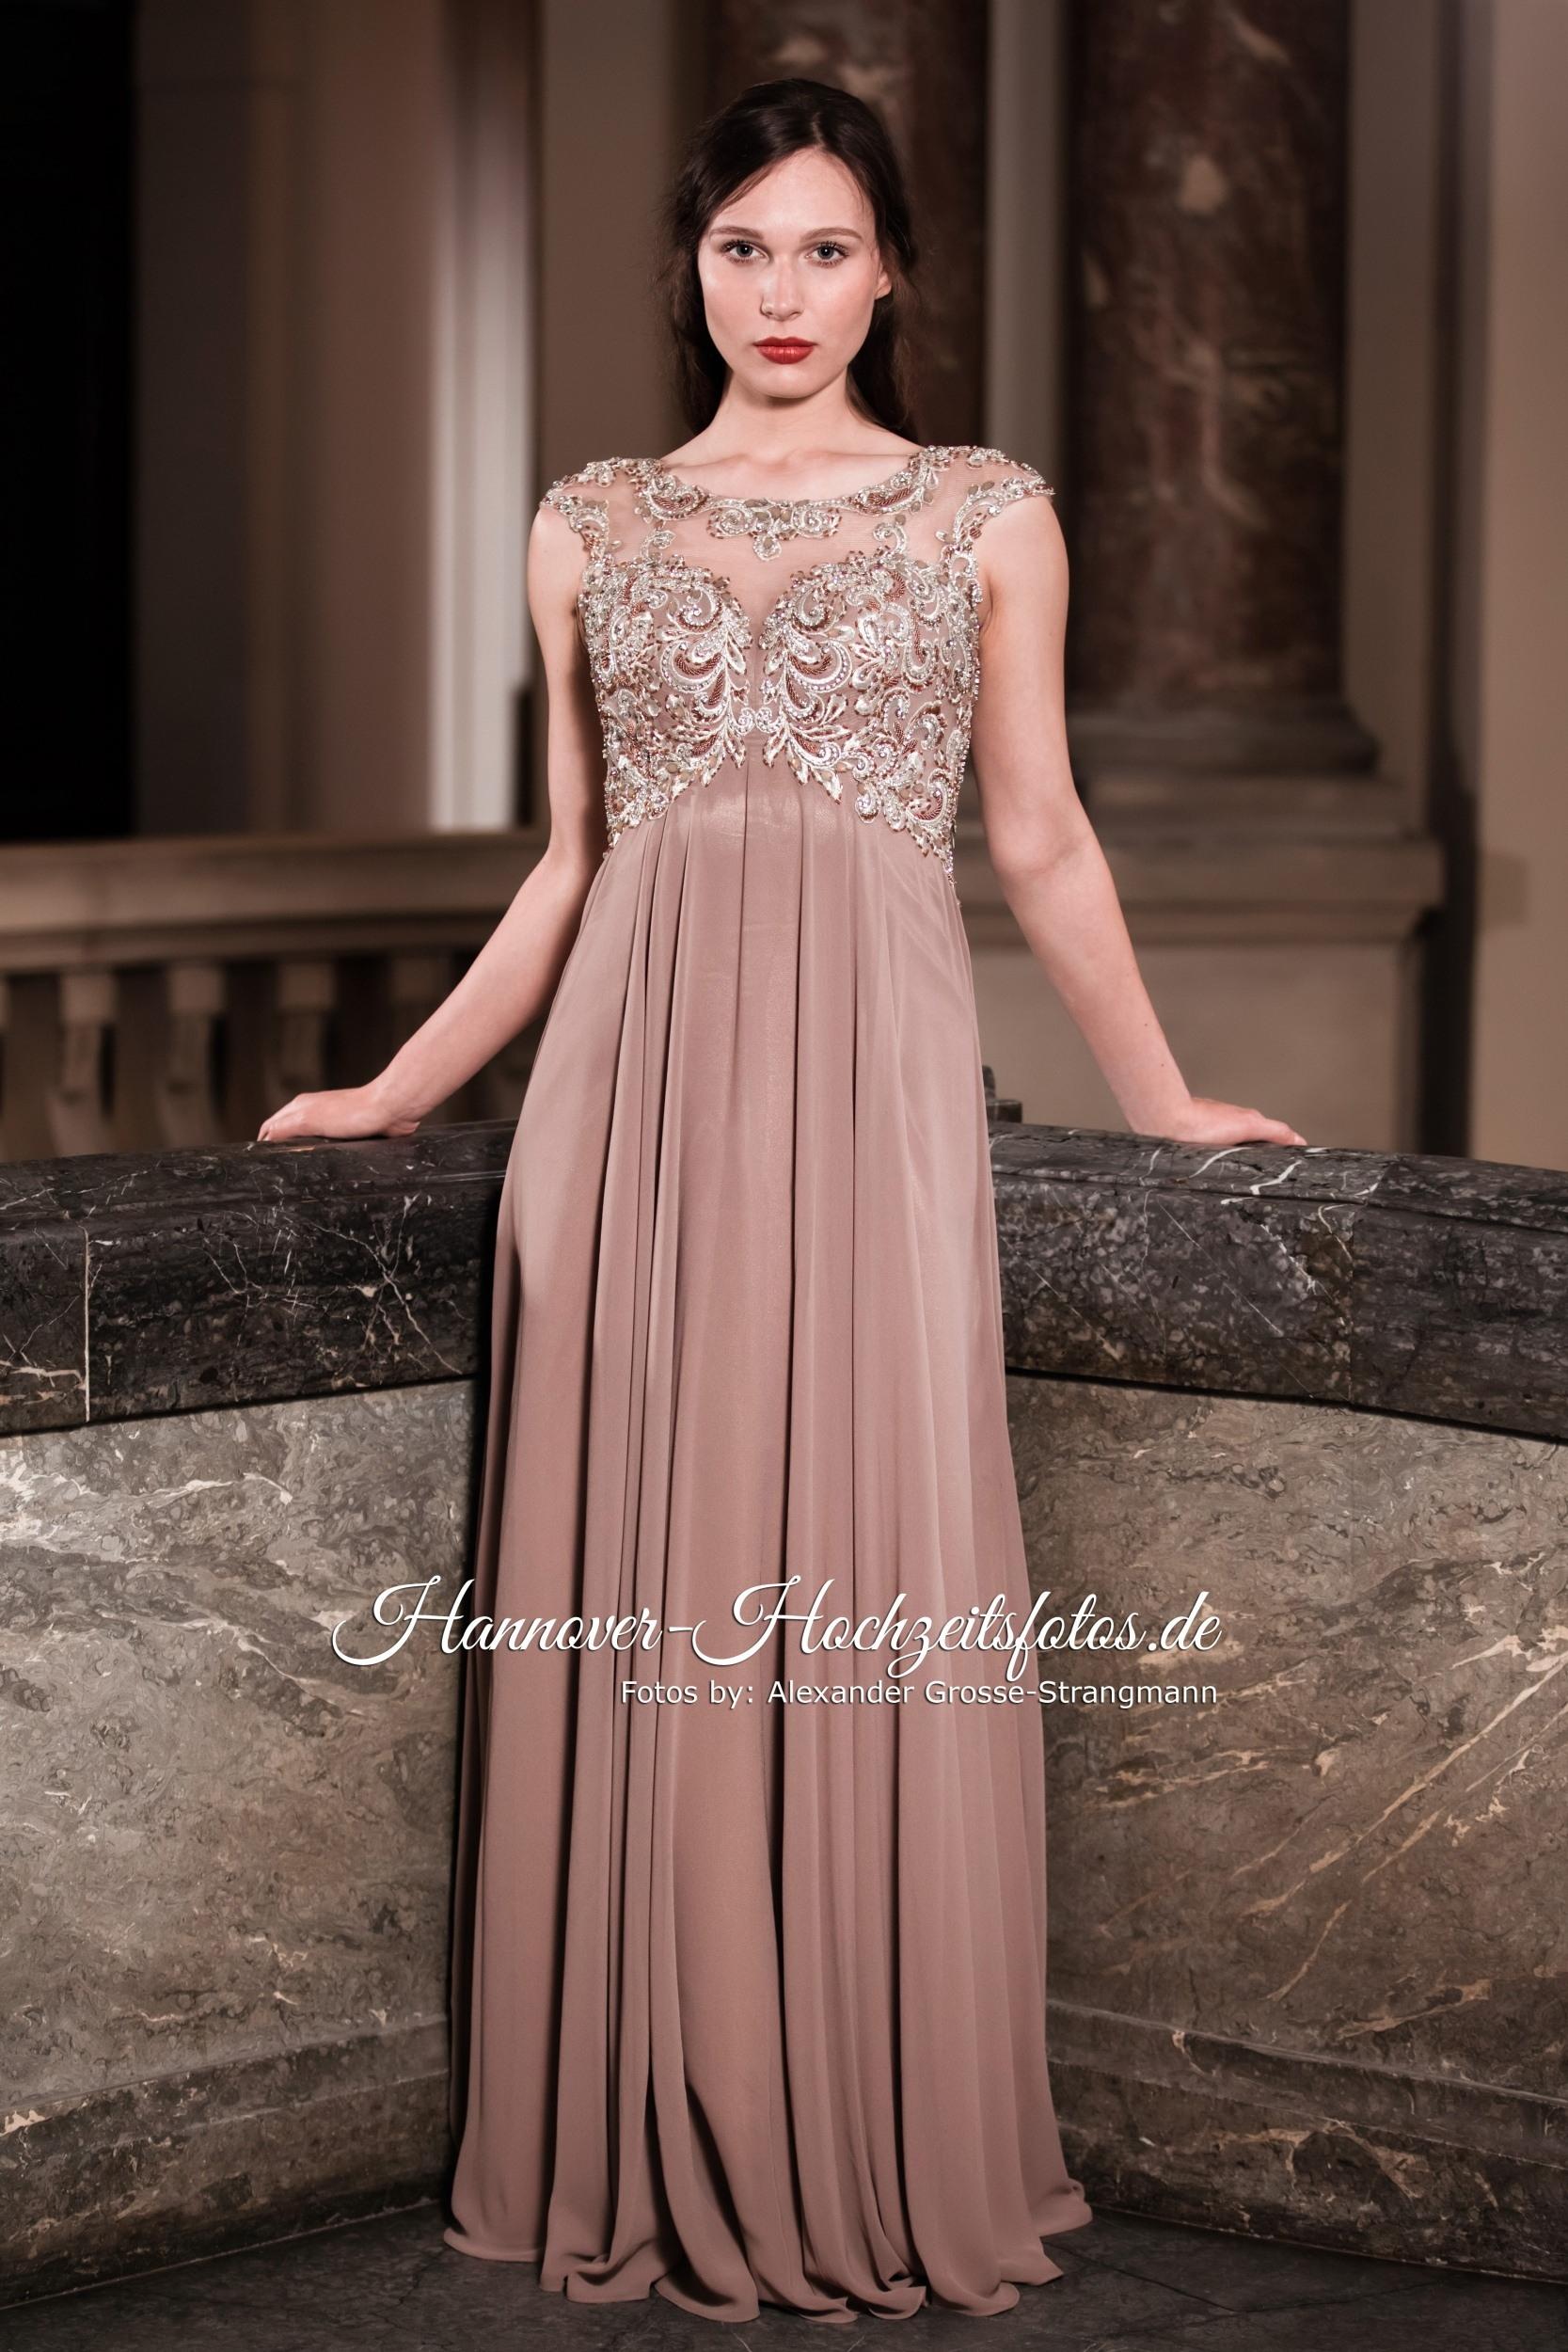 Abend Cool Abendkleid Hannover Bester Preis13 Großartig Abendkleid Hannover Boutique